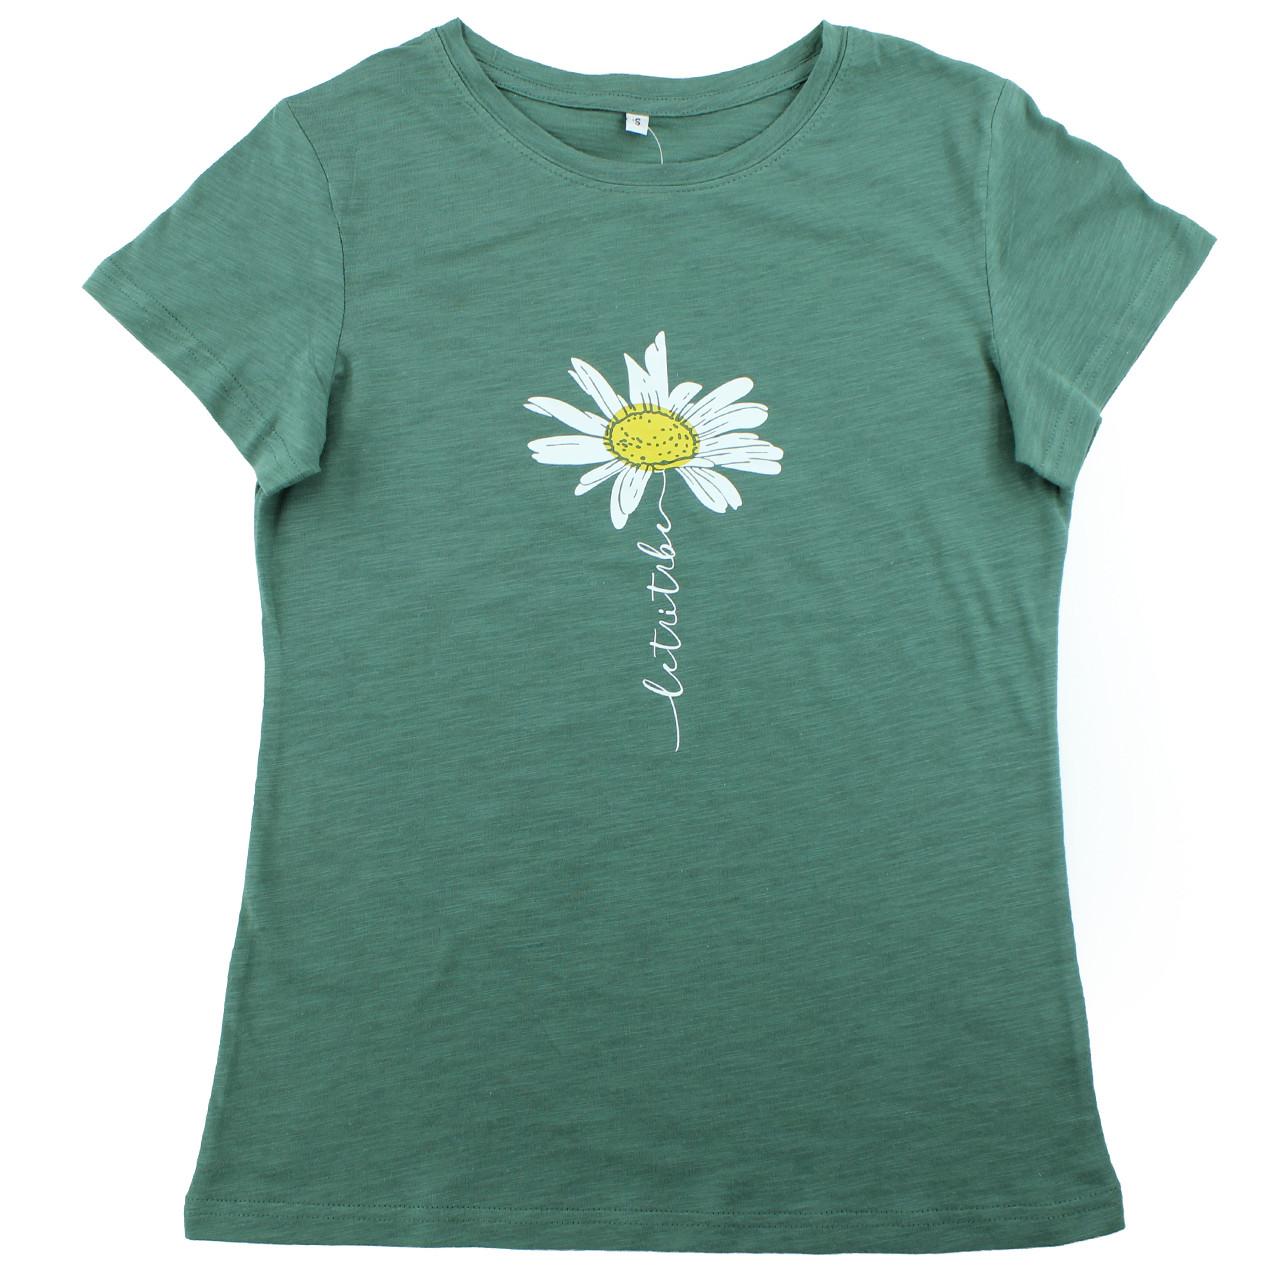 Подростковая зеленая футболка со склада с принтом ромашки, футболка с ромашкой